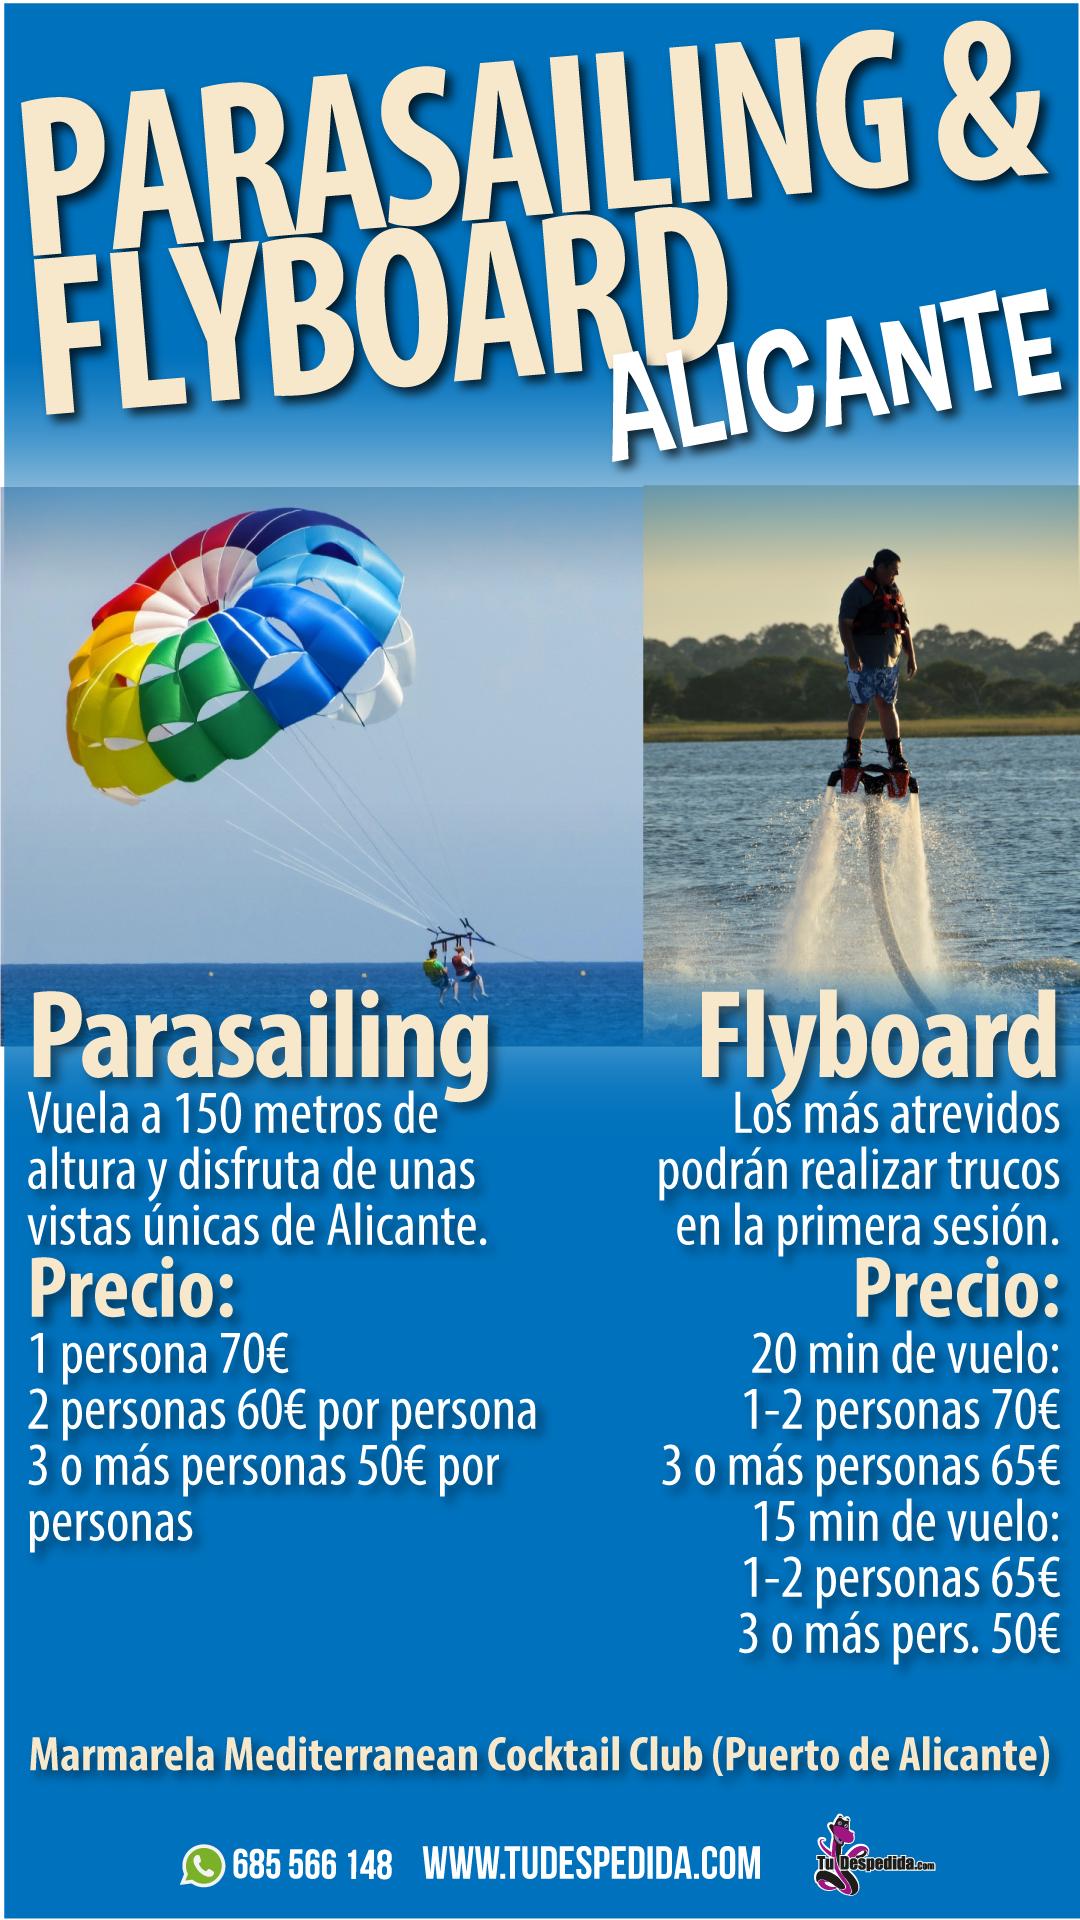 Parasailing Flyboard Alicante